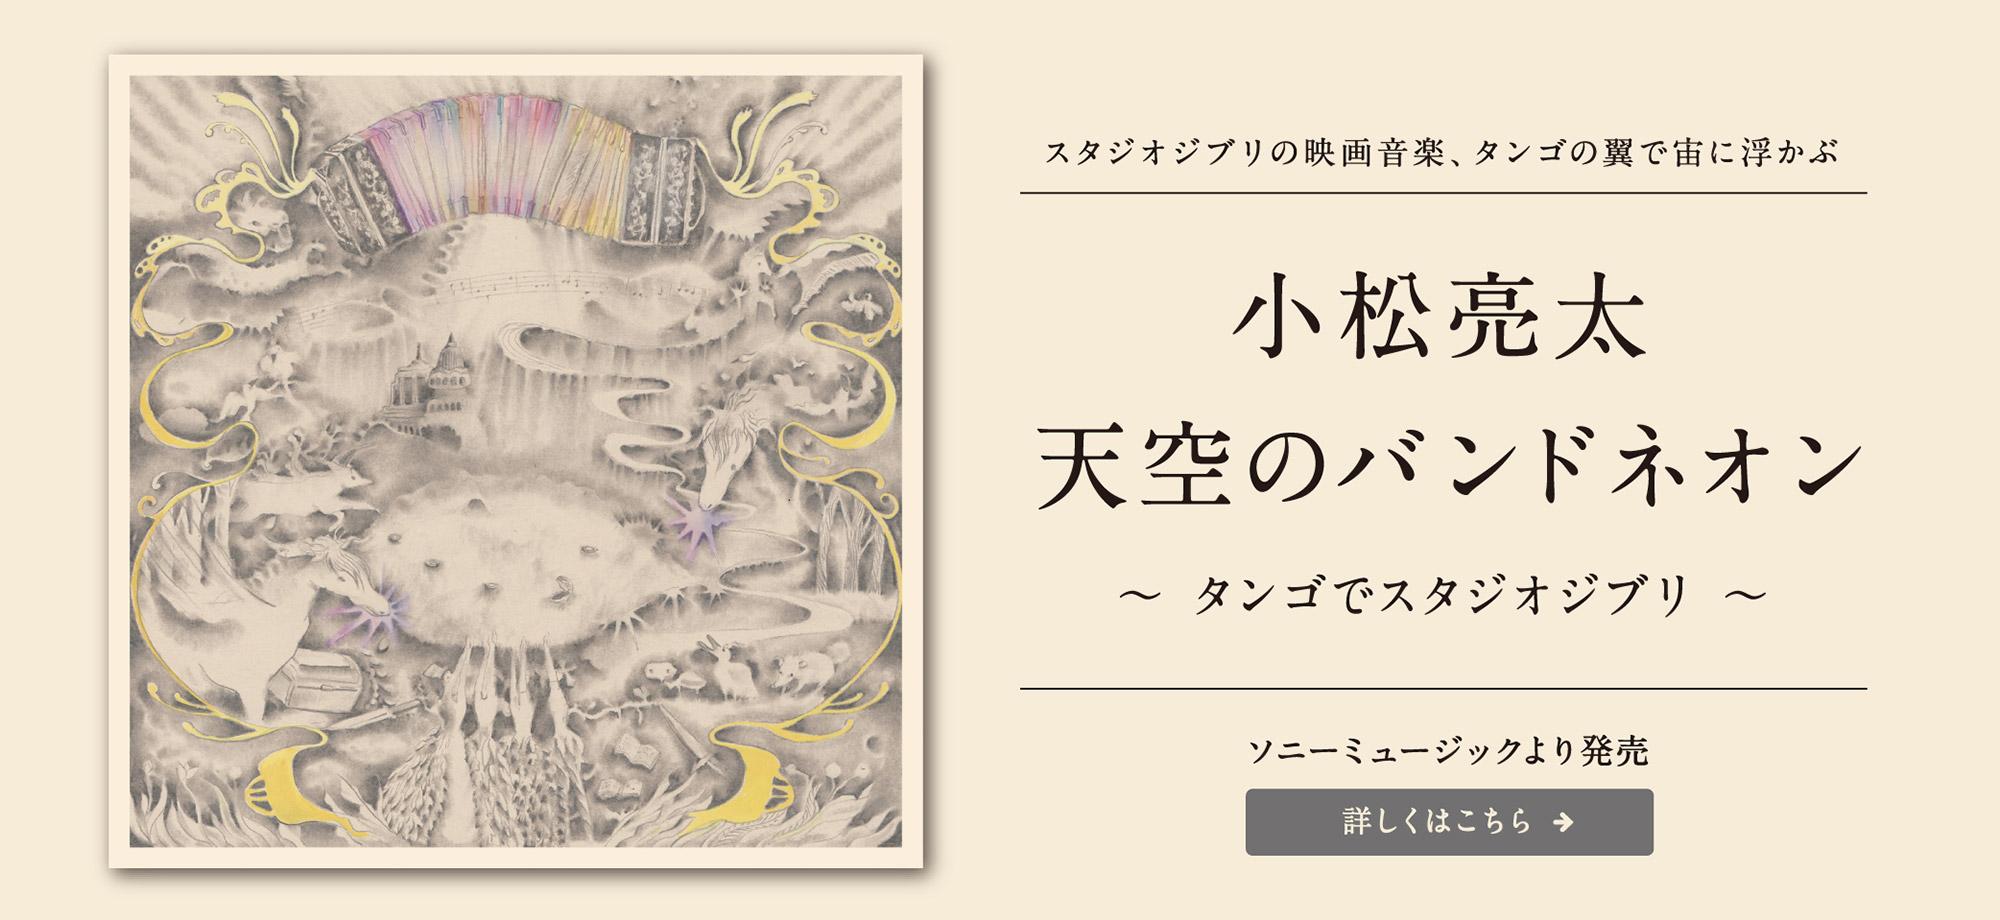 小松亮太 天空のバンドネオン 9.27発売